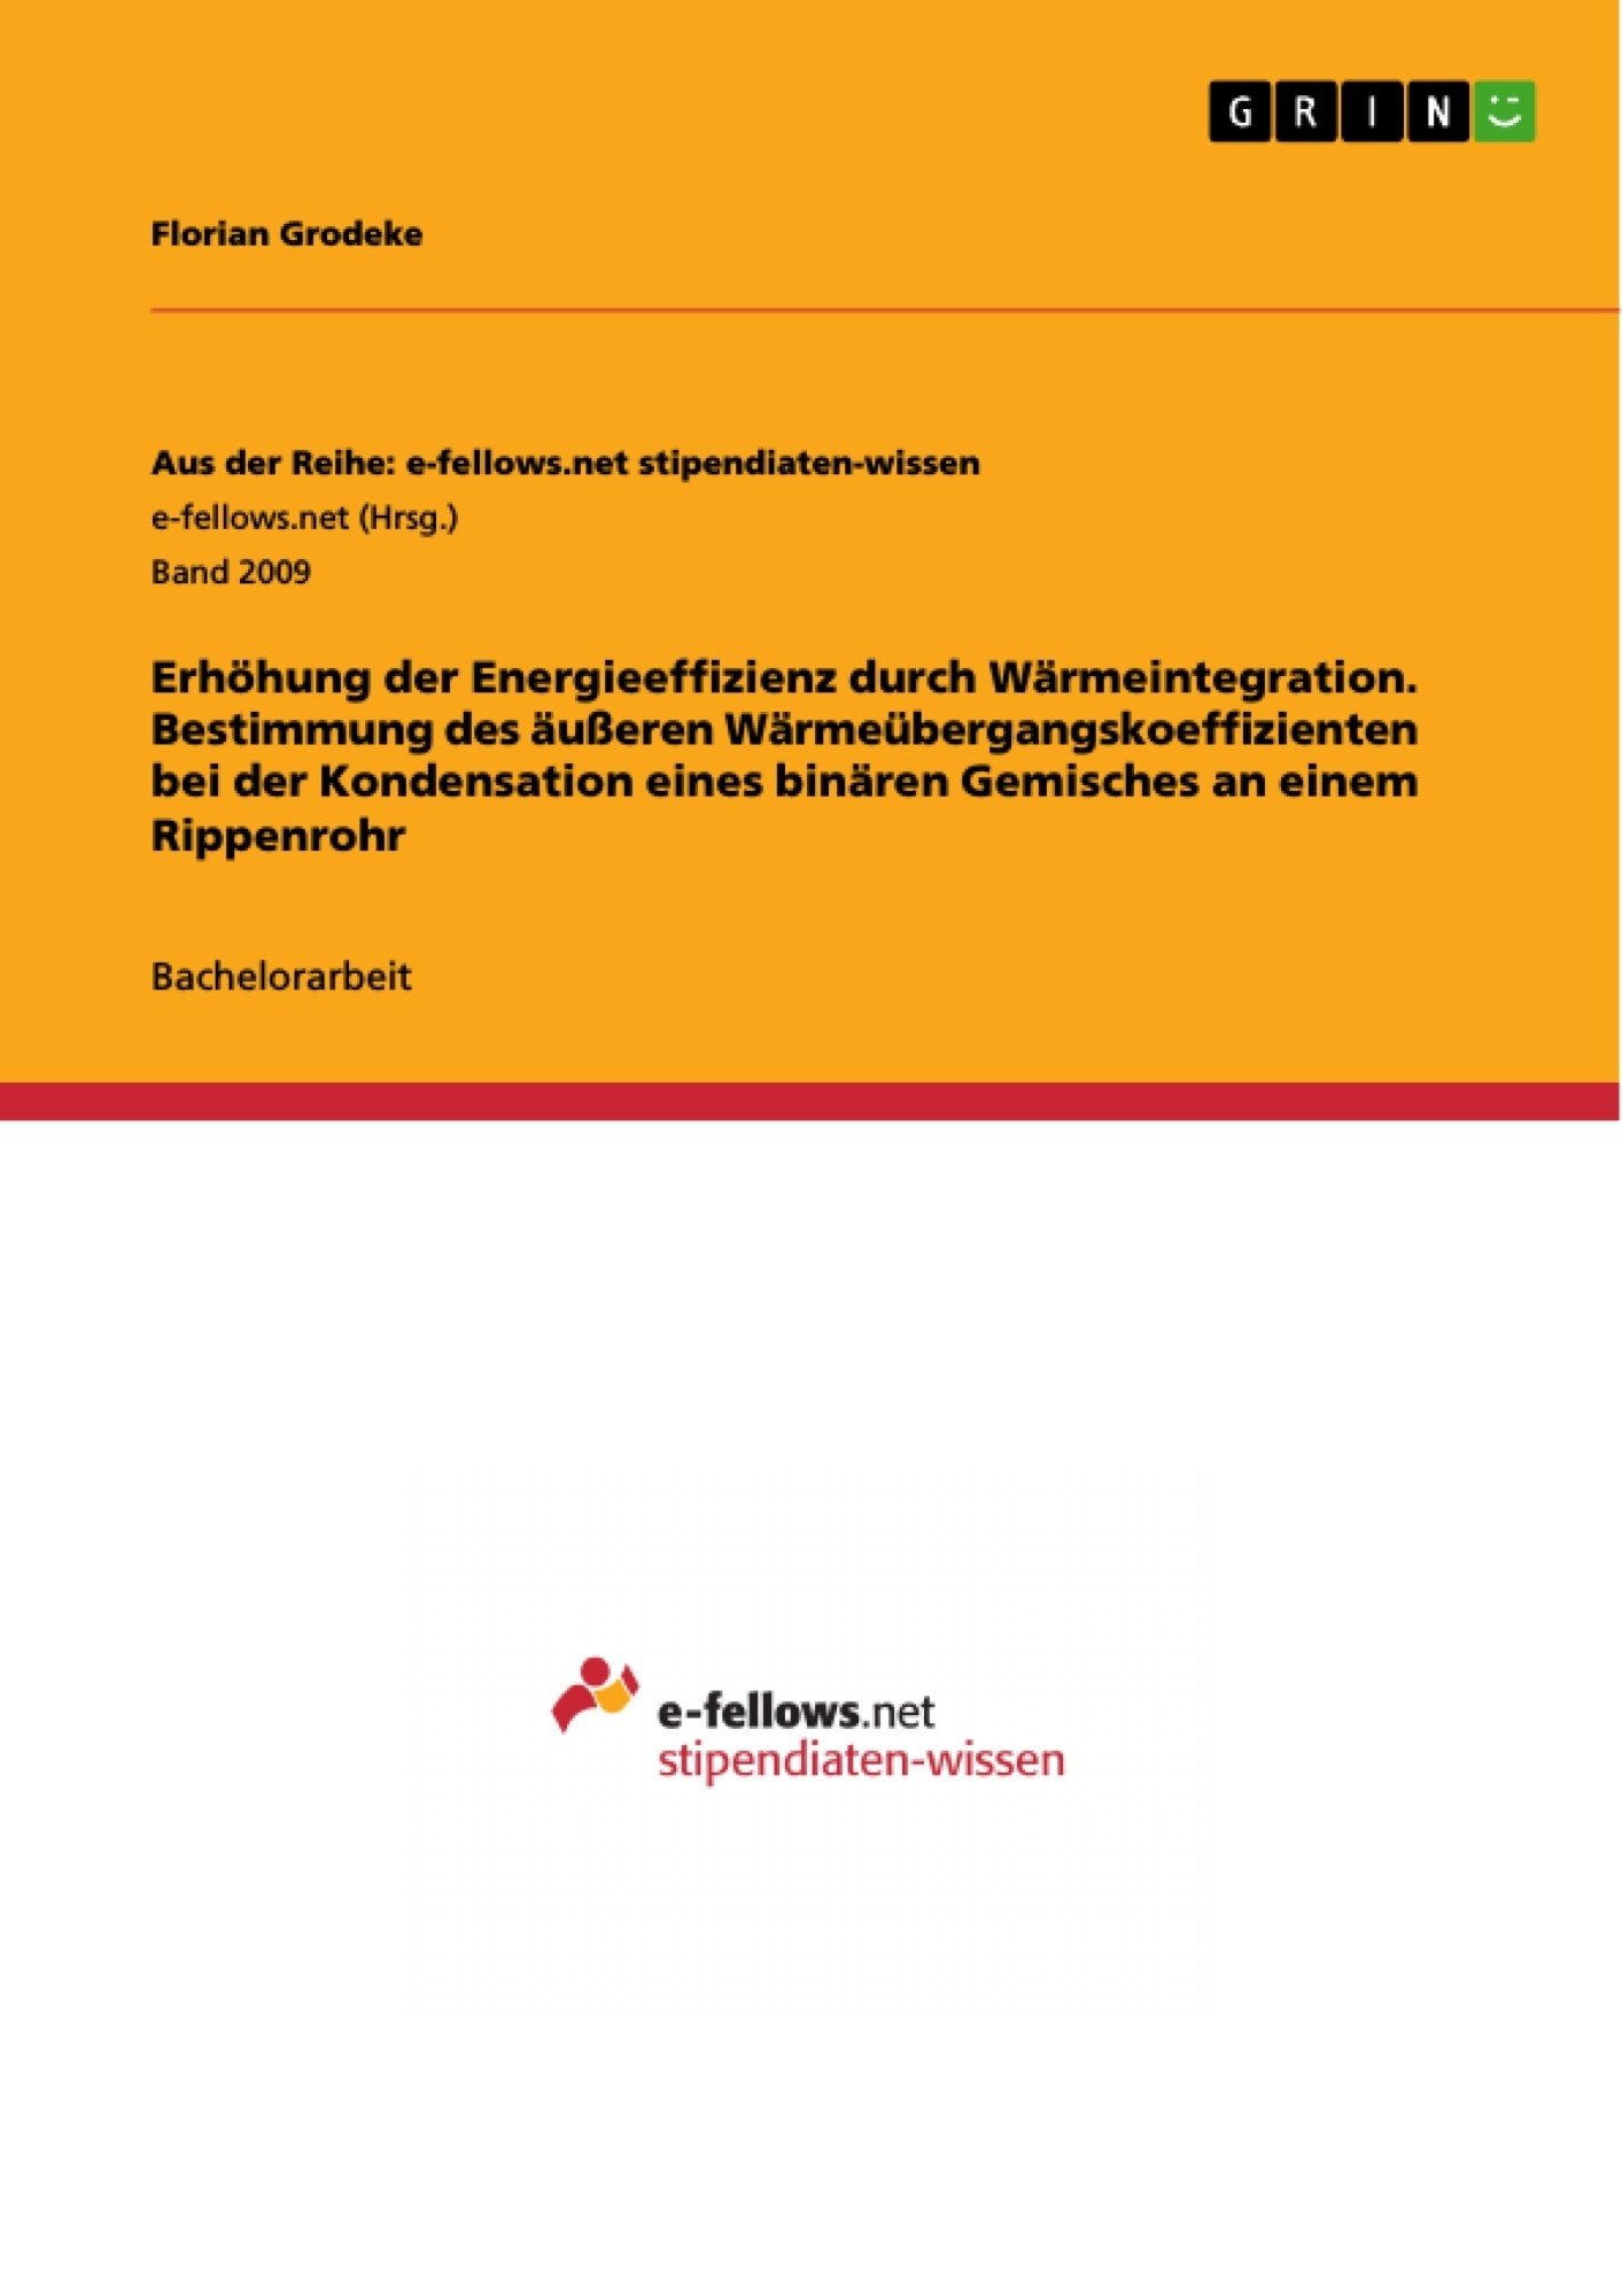 Titel: Erhöhung der Energieeffizienz durch Wärmeintegration. Bestimmung des äußeren Wärmeübergangskoeffizienten bei der Kondensation eines binären Gemisches an einem Rippenrohr